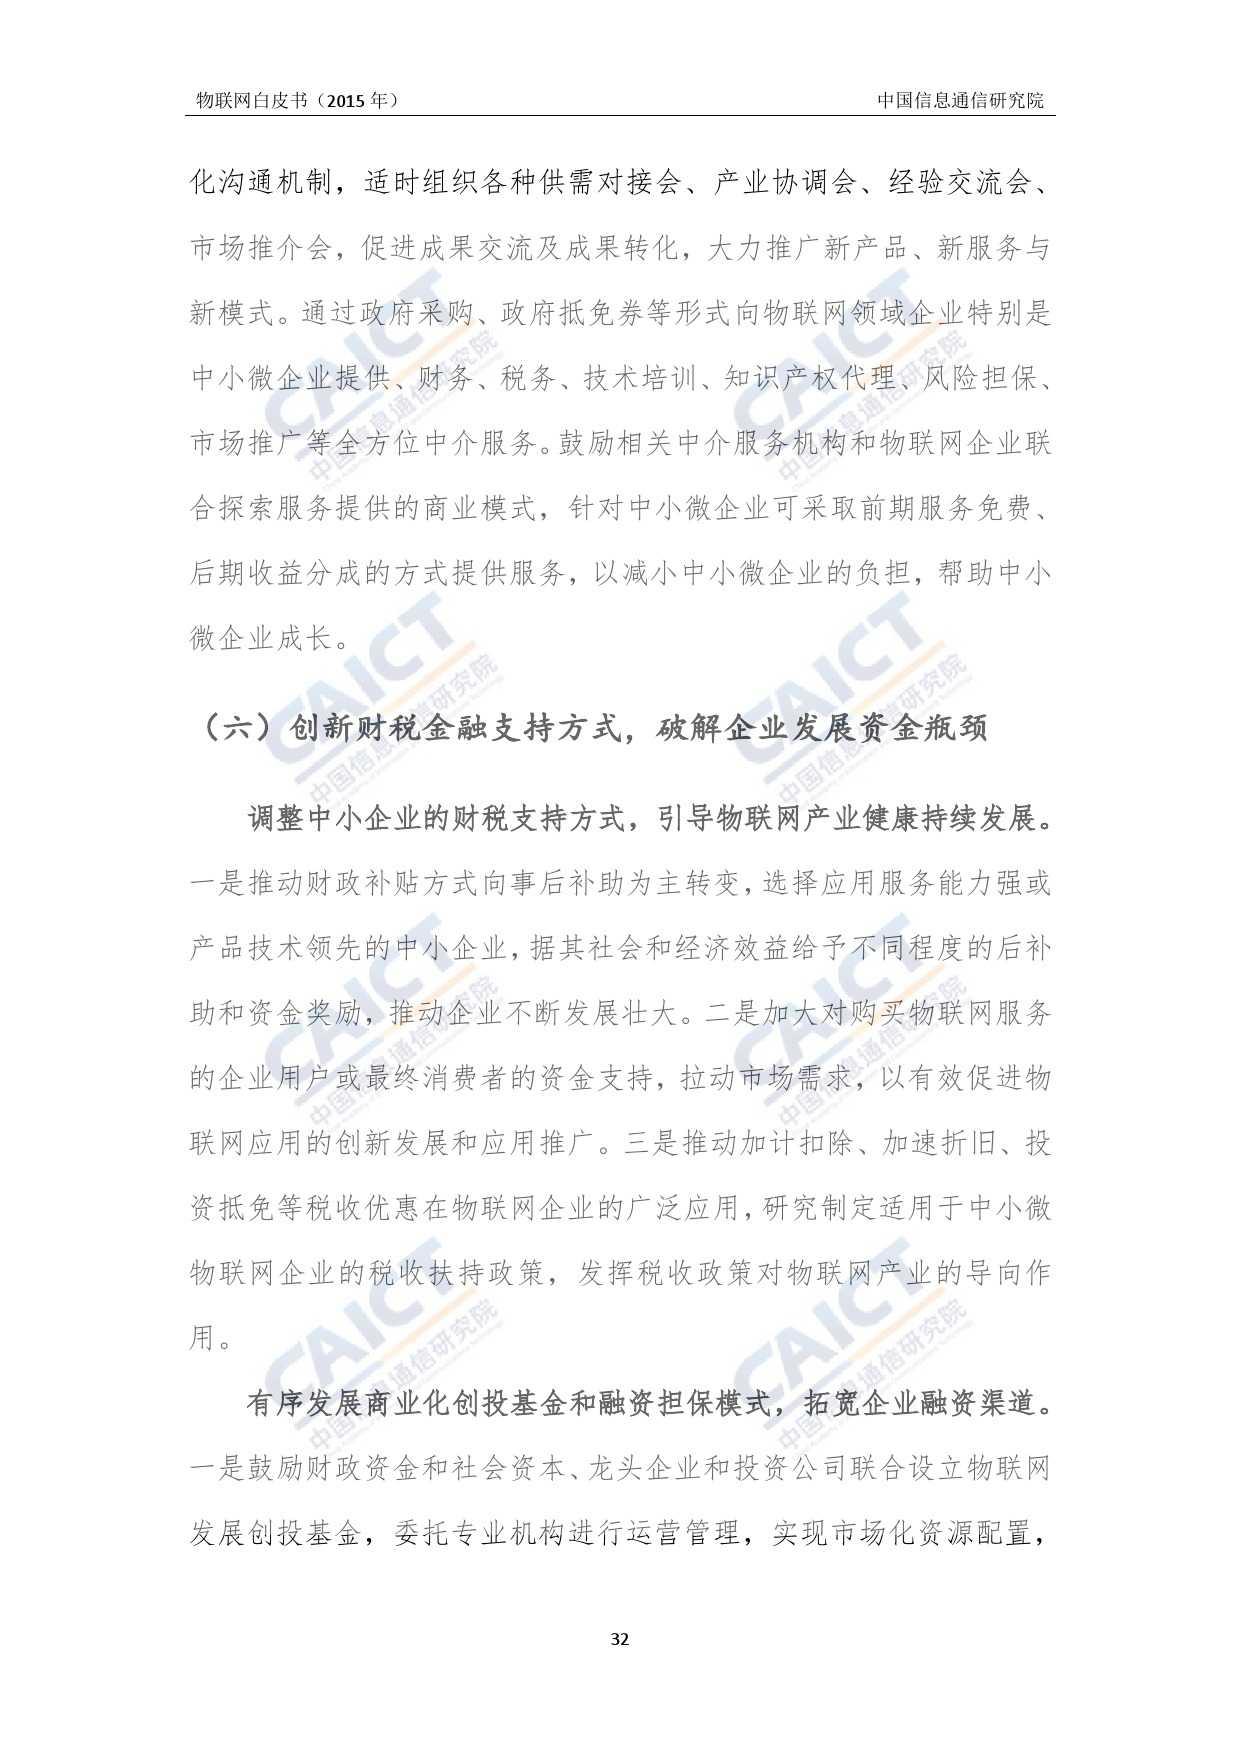 中国信息通信研究院:2015年物联网白皮书_000036